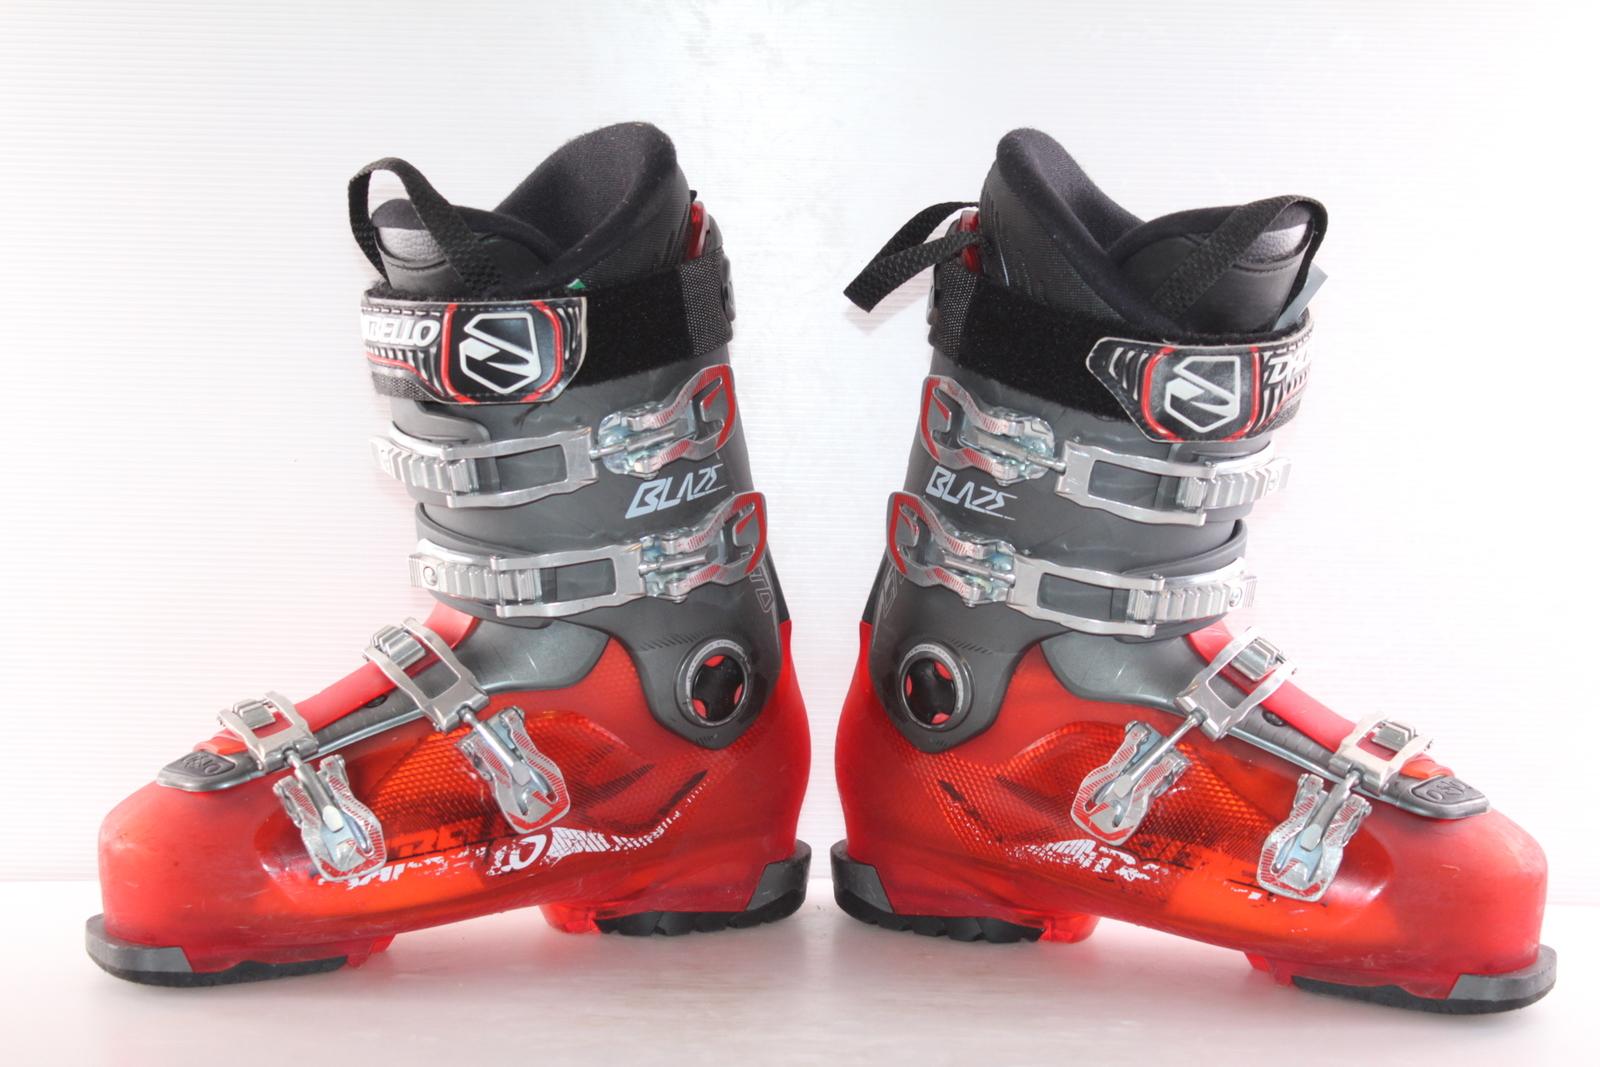 Lyžařské boty Dalbello Blaze Ltd vel. EU43